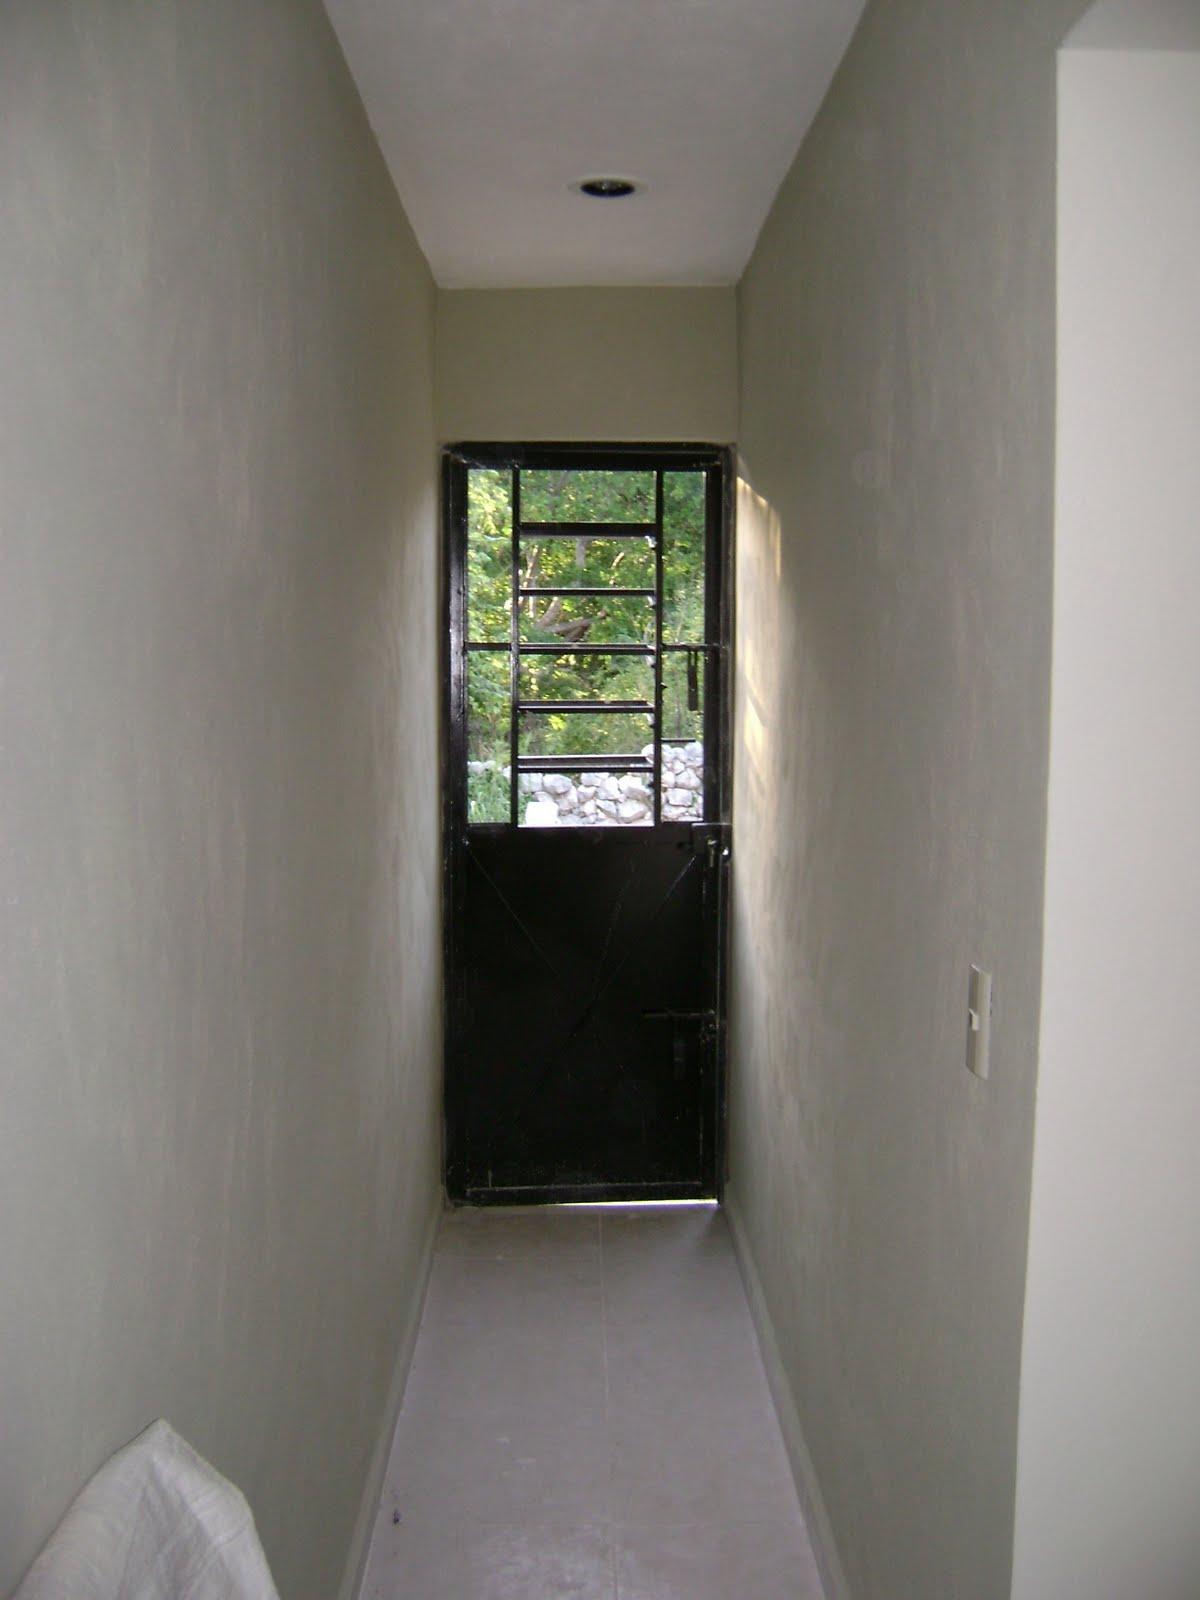 Muebles Exterior : Tuunkul arquitectura diseño arte pcc pintura